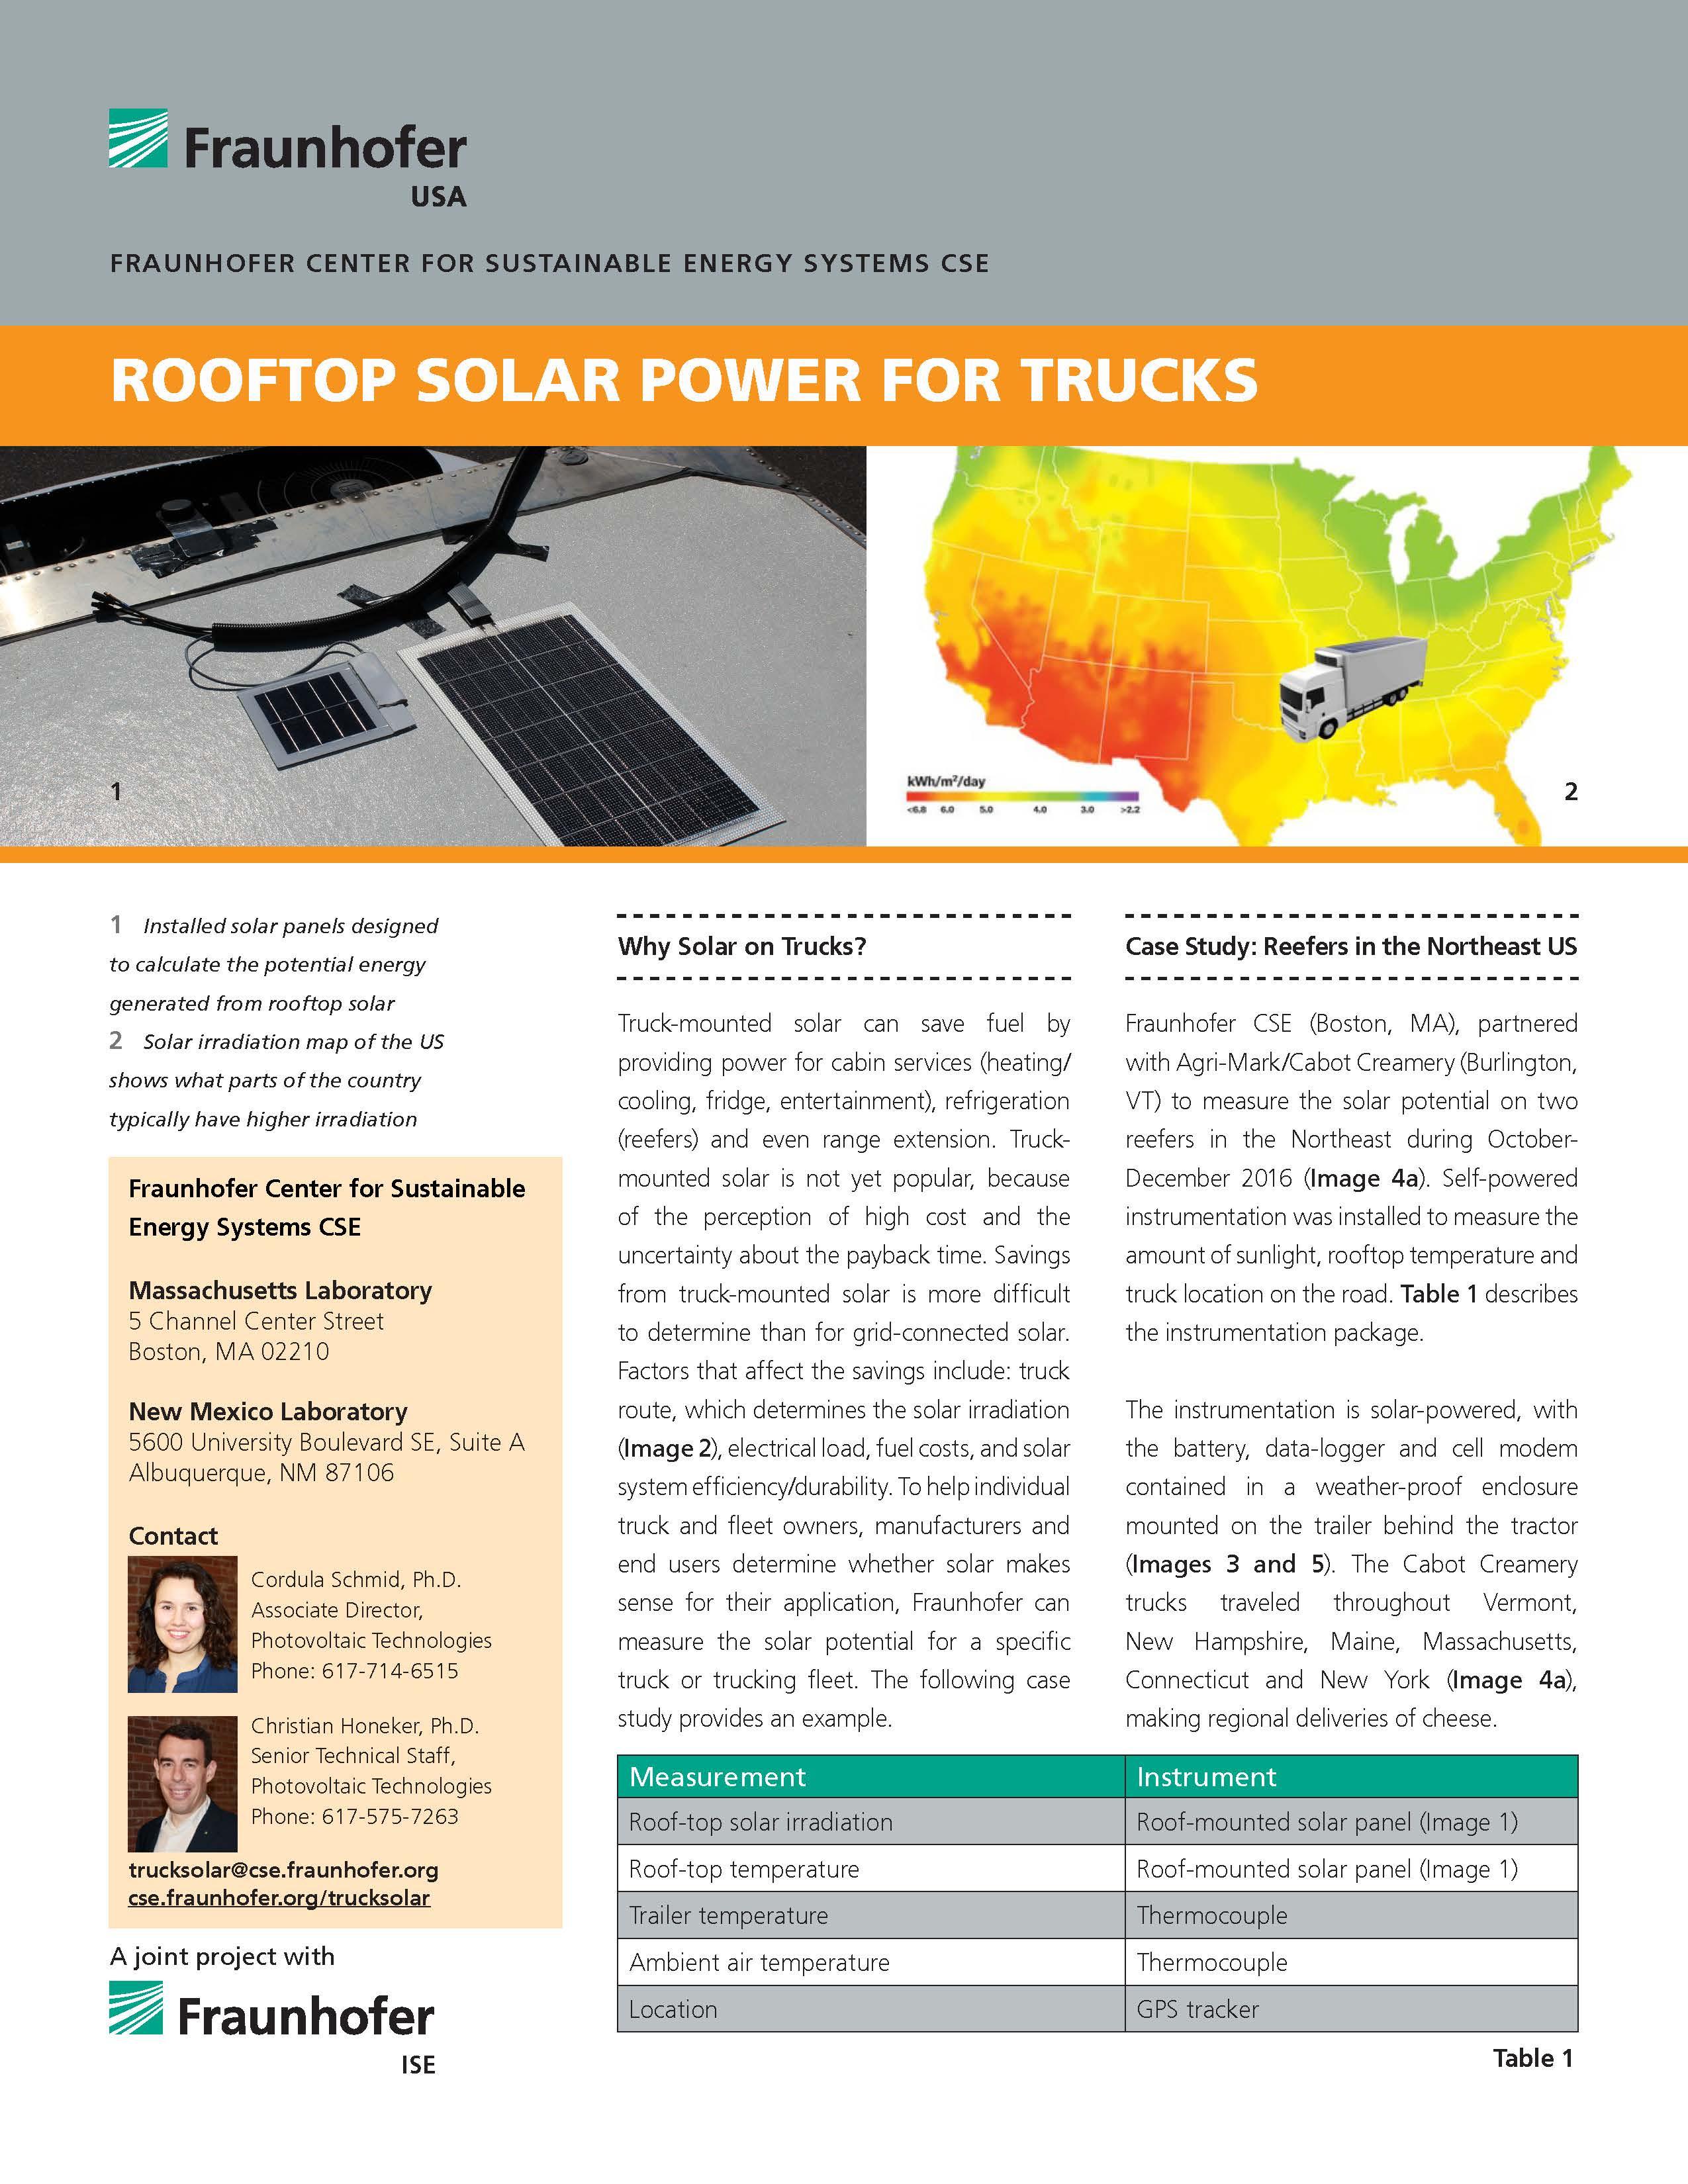 Rooftop Solar Power for Trucks